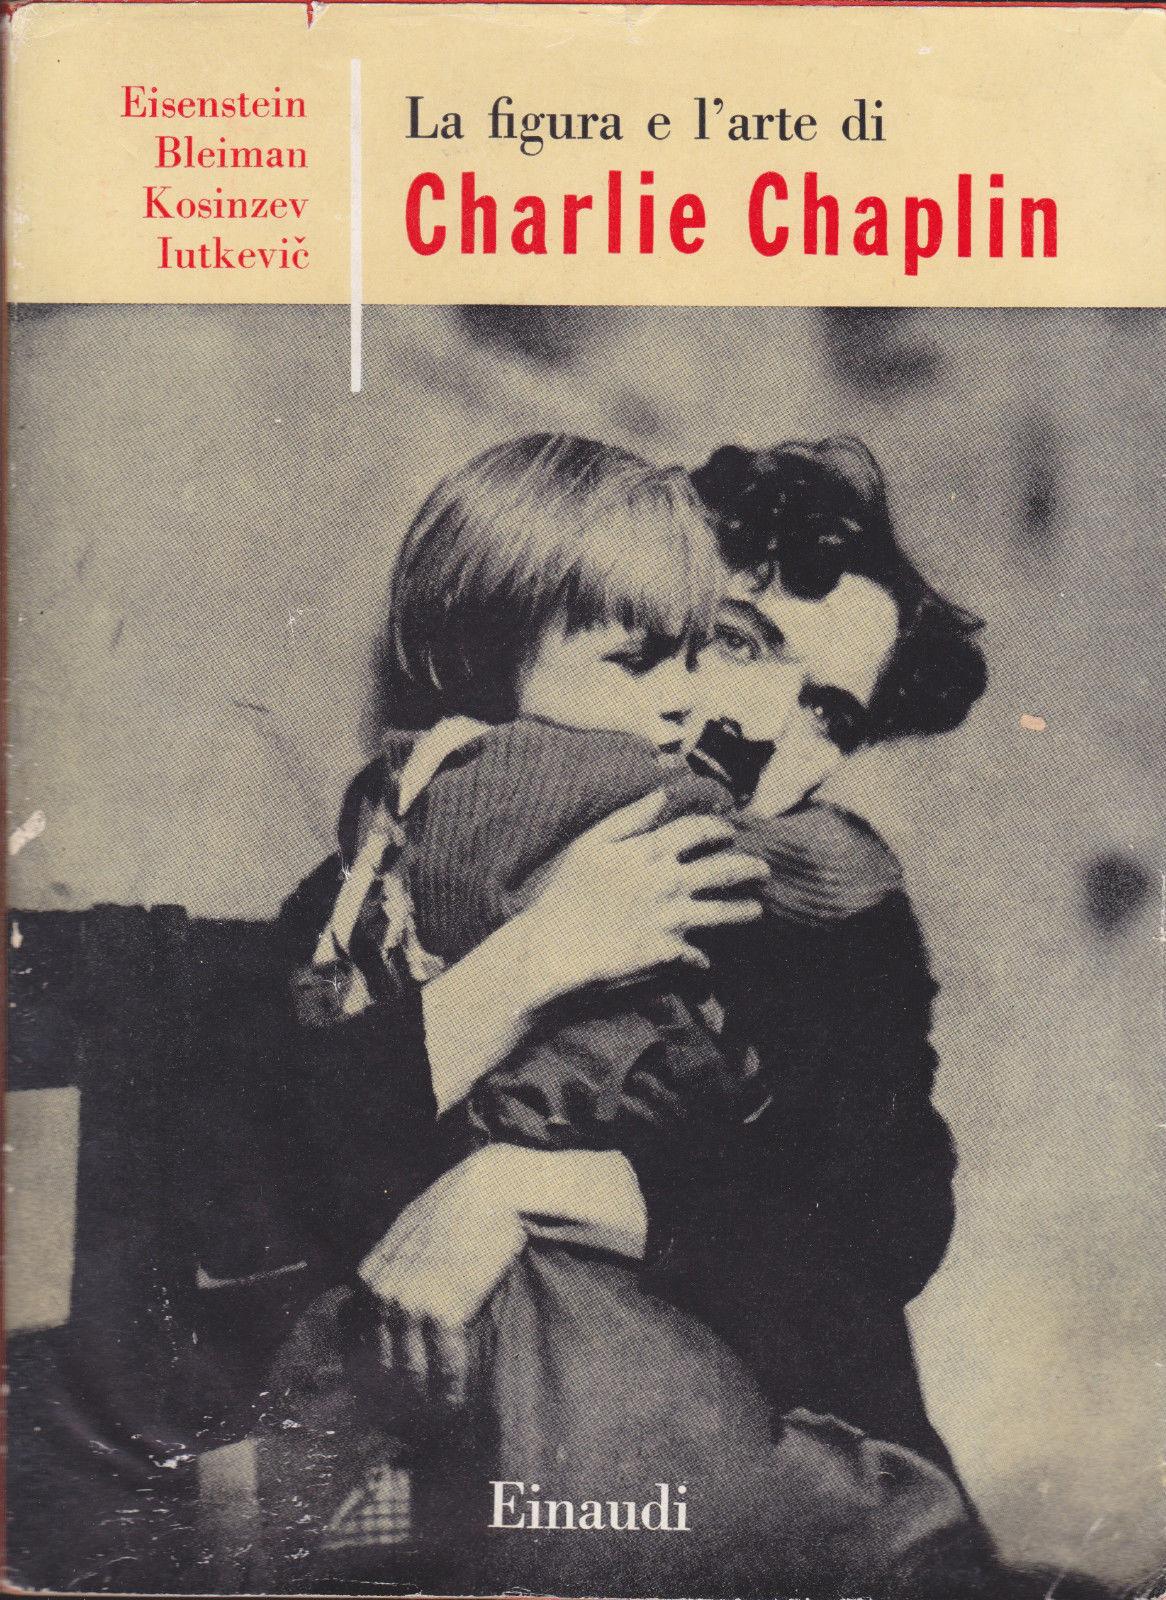 La figura e l'arte di Charlie Chaplin – Edizione Einaudi 1955